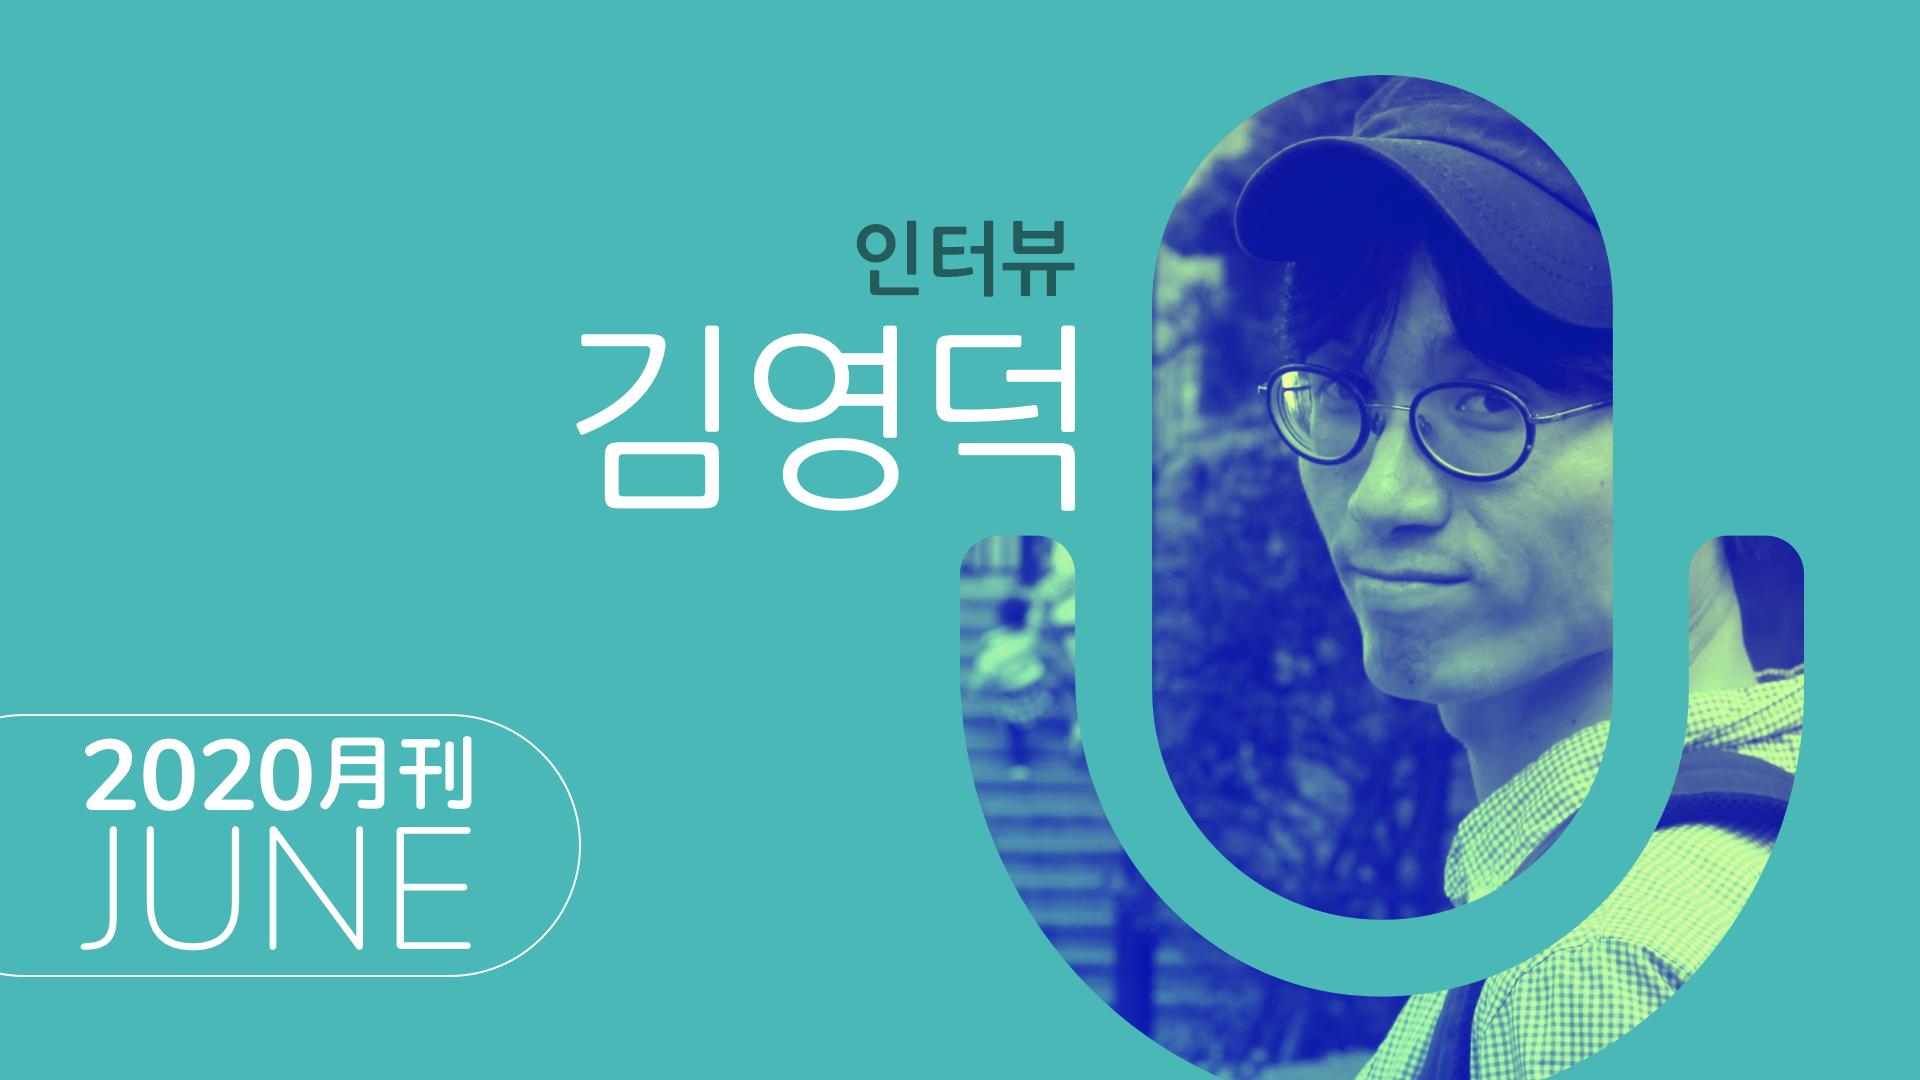 모션그래픽 디자이너 김영덕